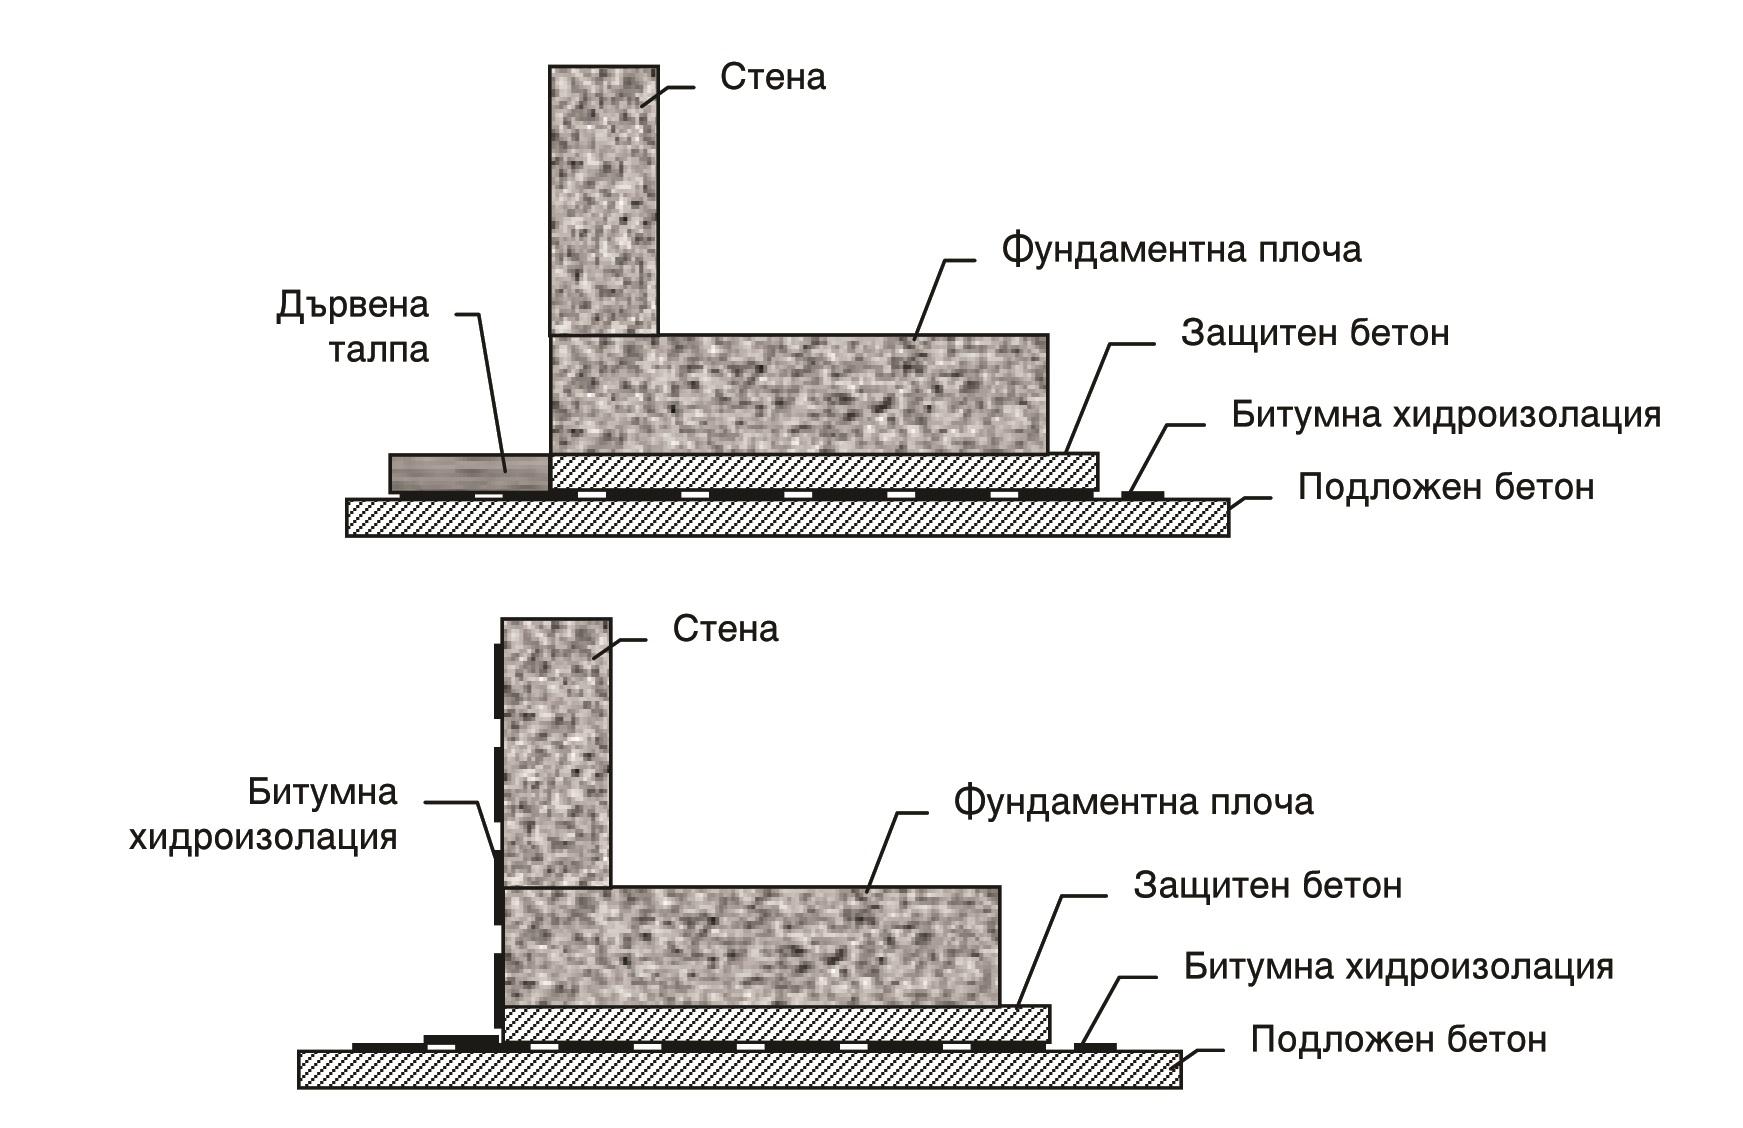 Подложен бетон заказ бетона пенза